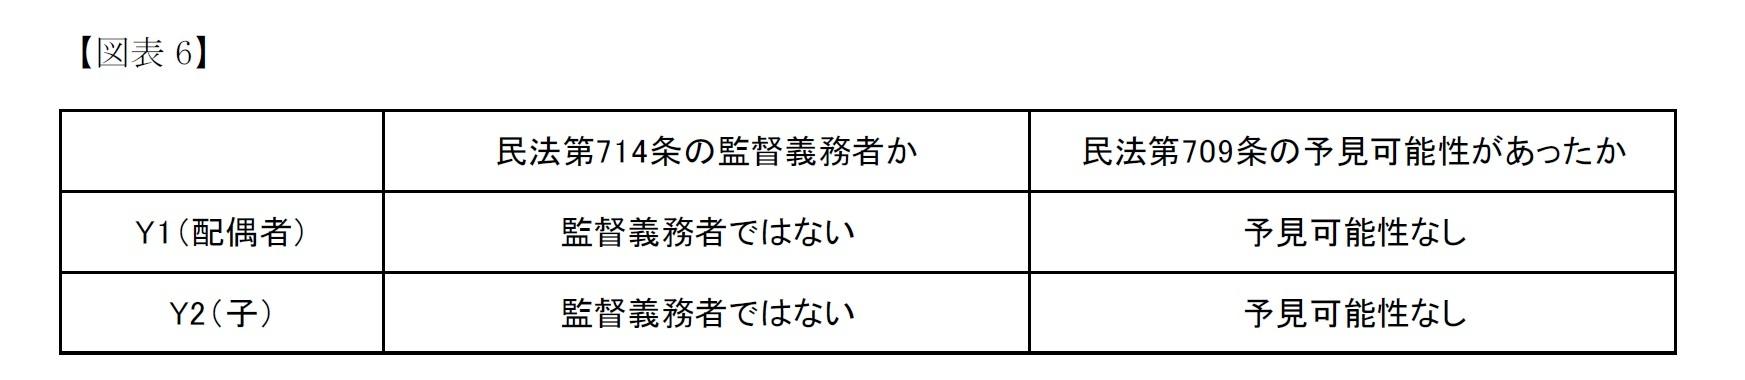 【図表6】最高裁の判断